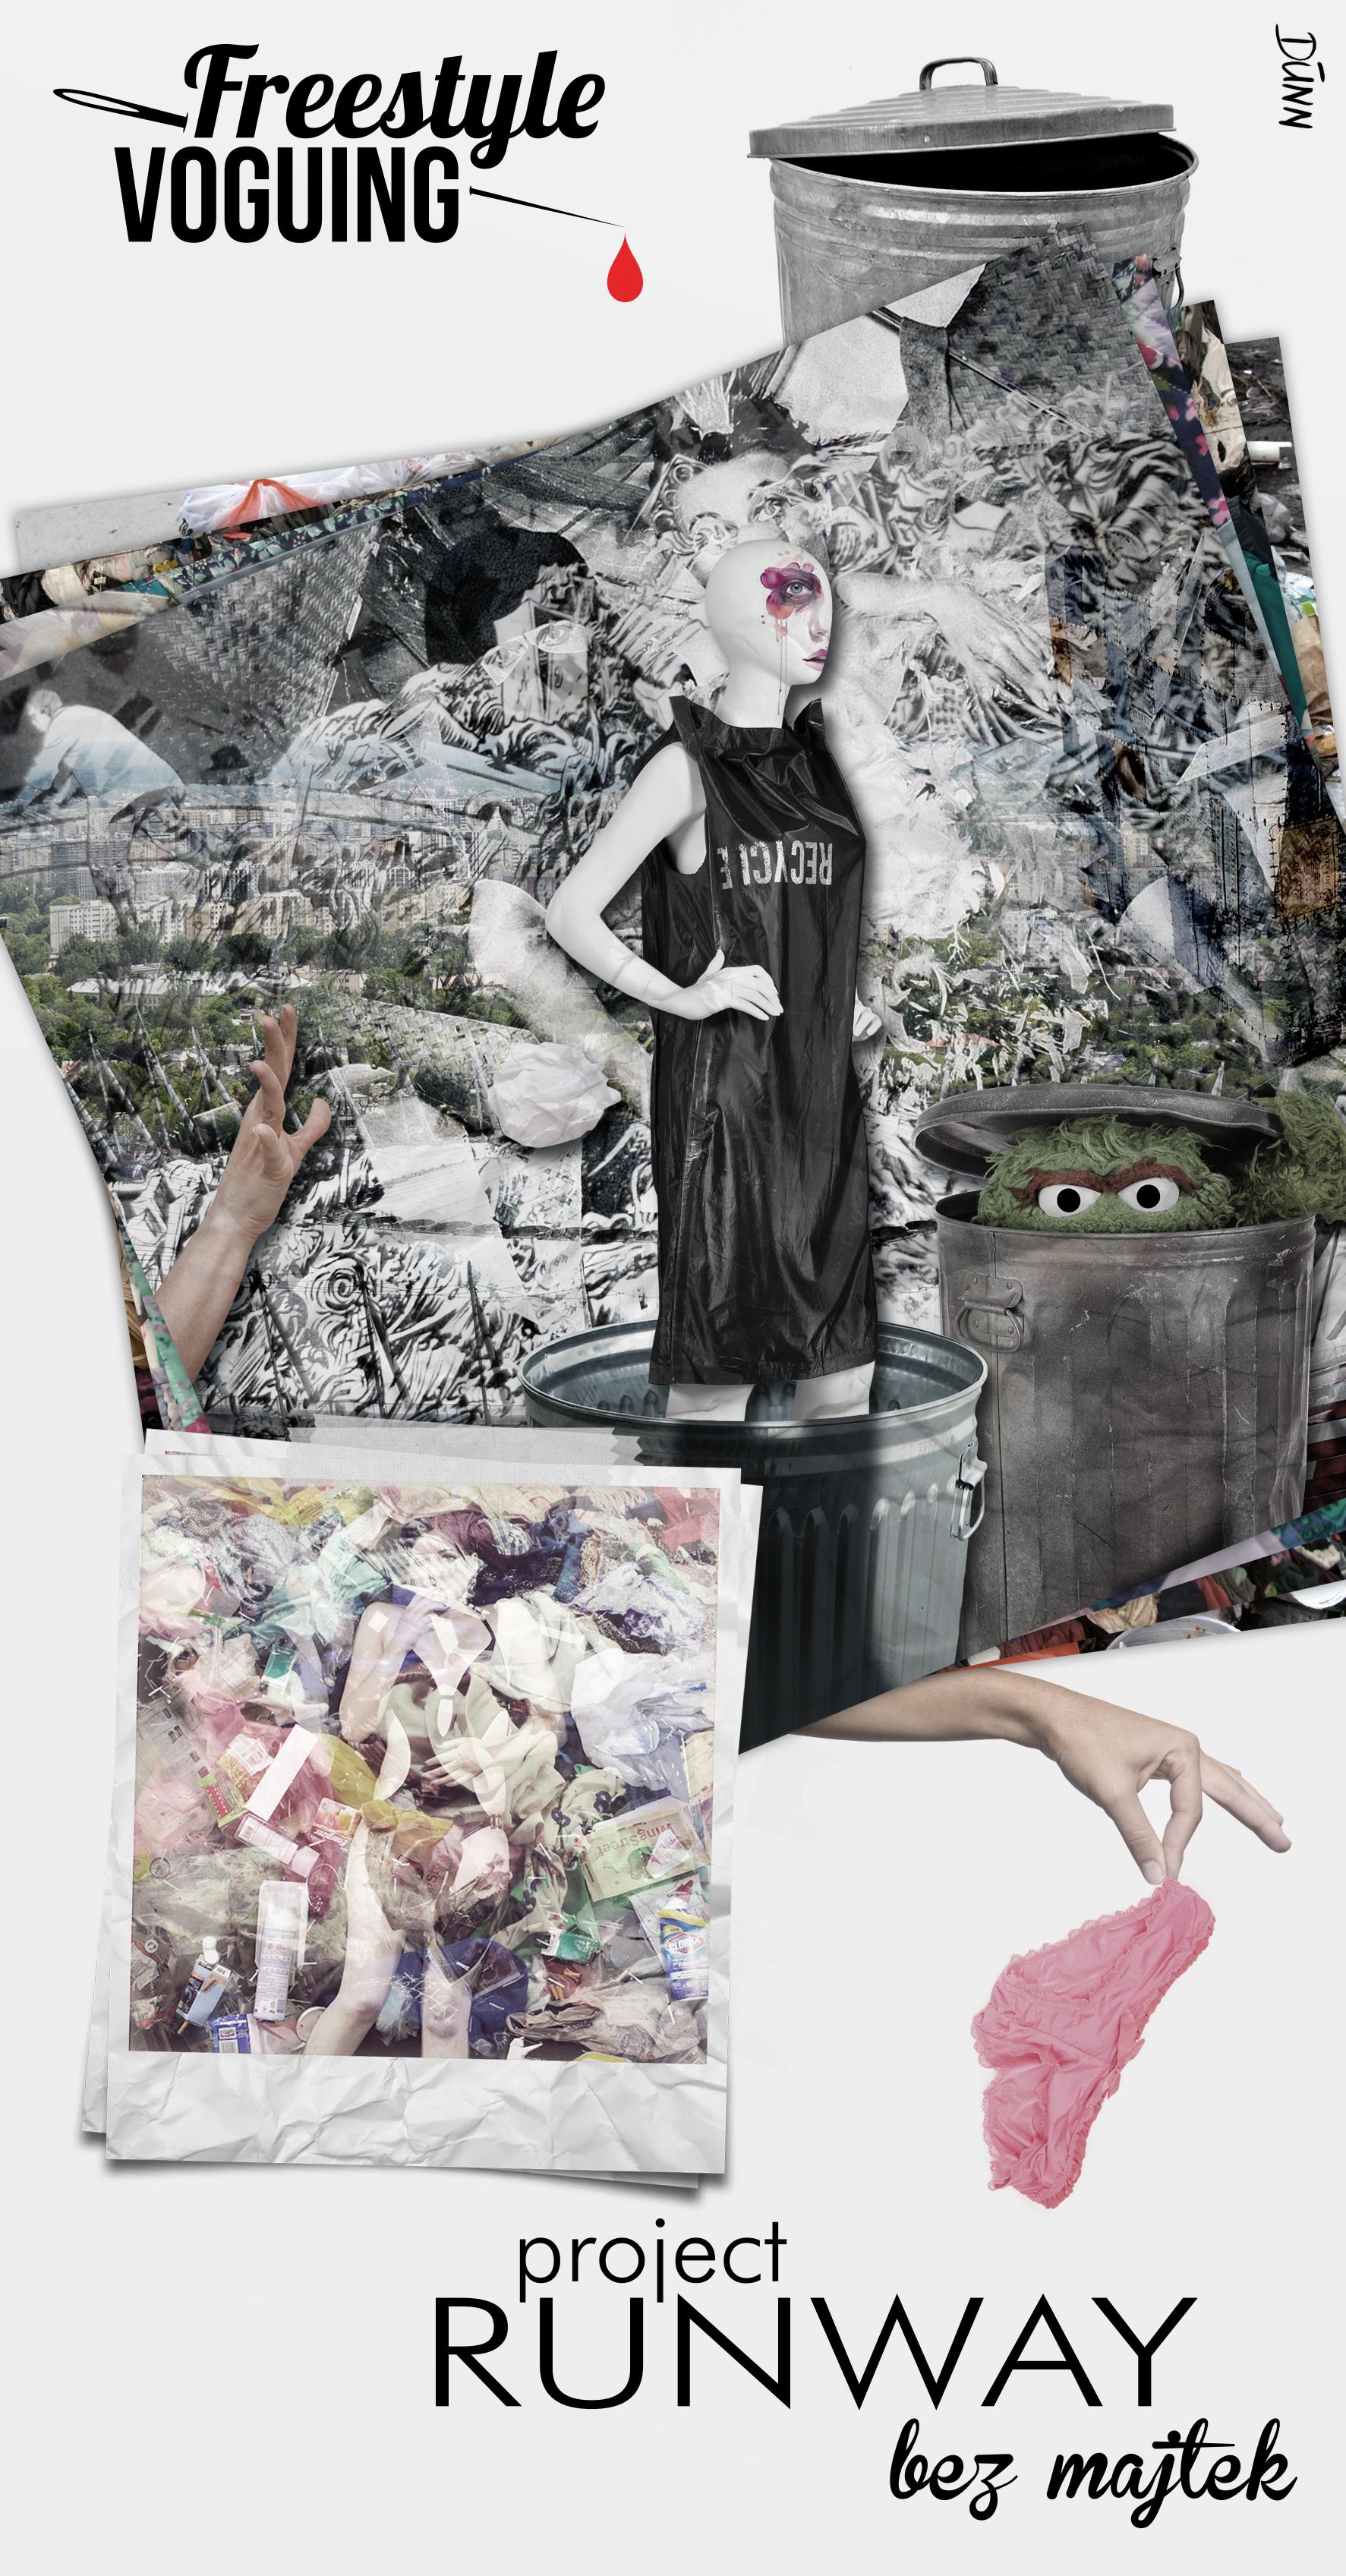 Chambre syndicale de la haute couture never ending freestyle voguing - Chambre syndicale de la haute couture ...